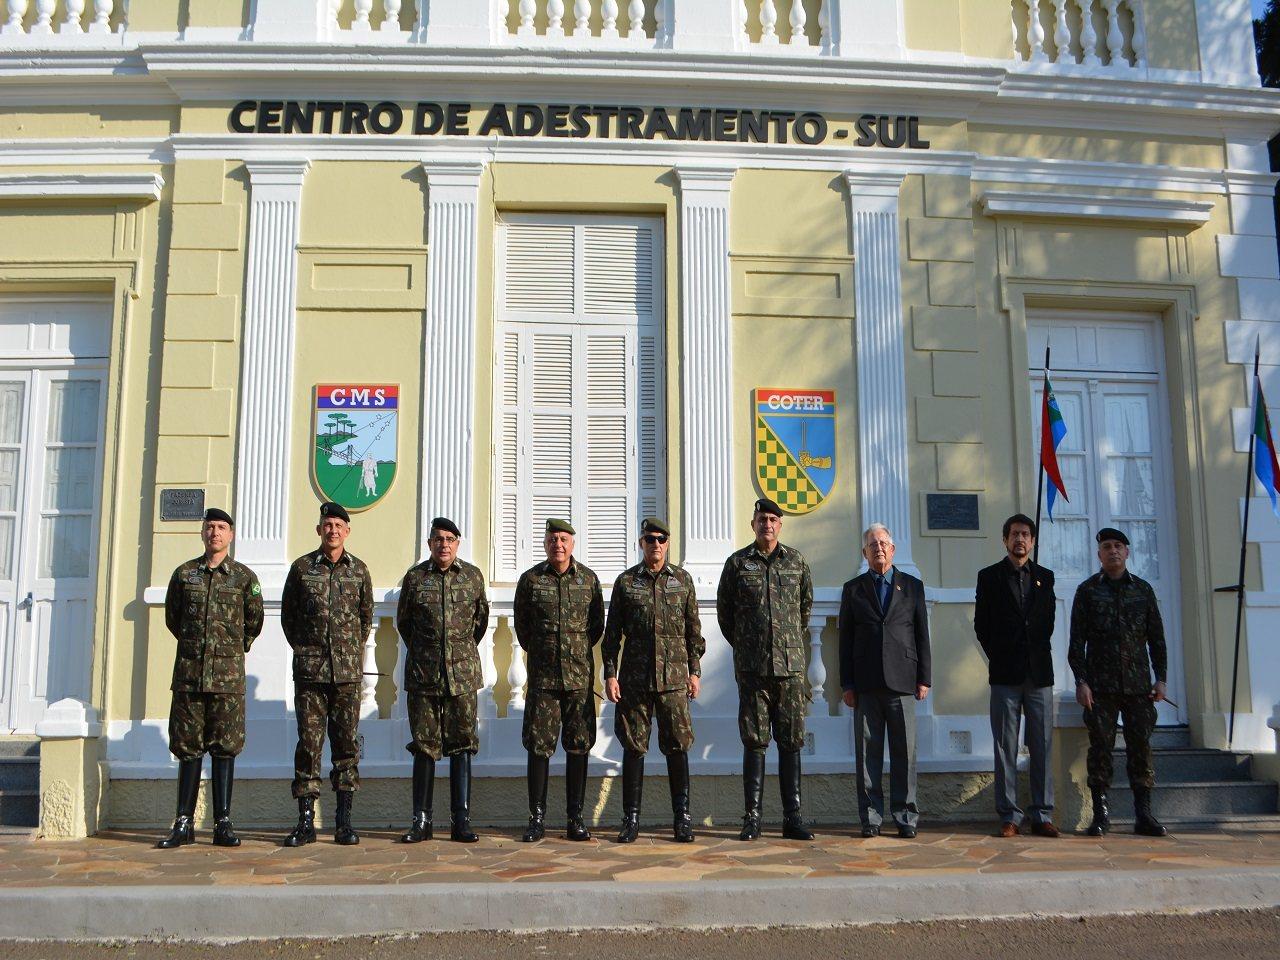 Comandante do Exército Brasileiro verifica as capacidades do Centro de Adestramento – Sul